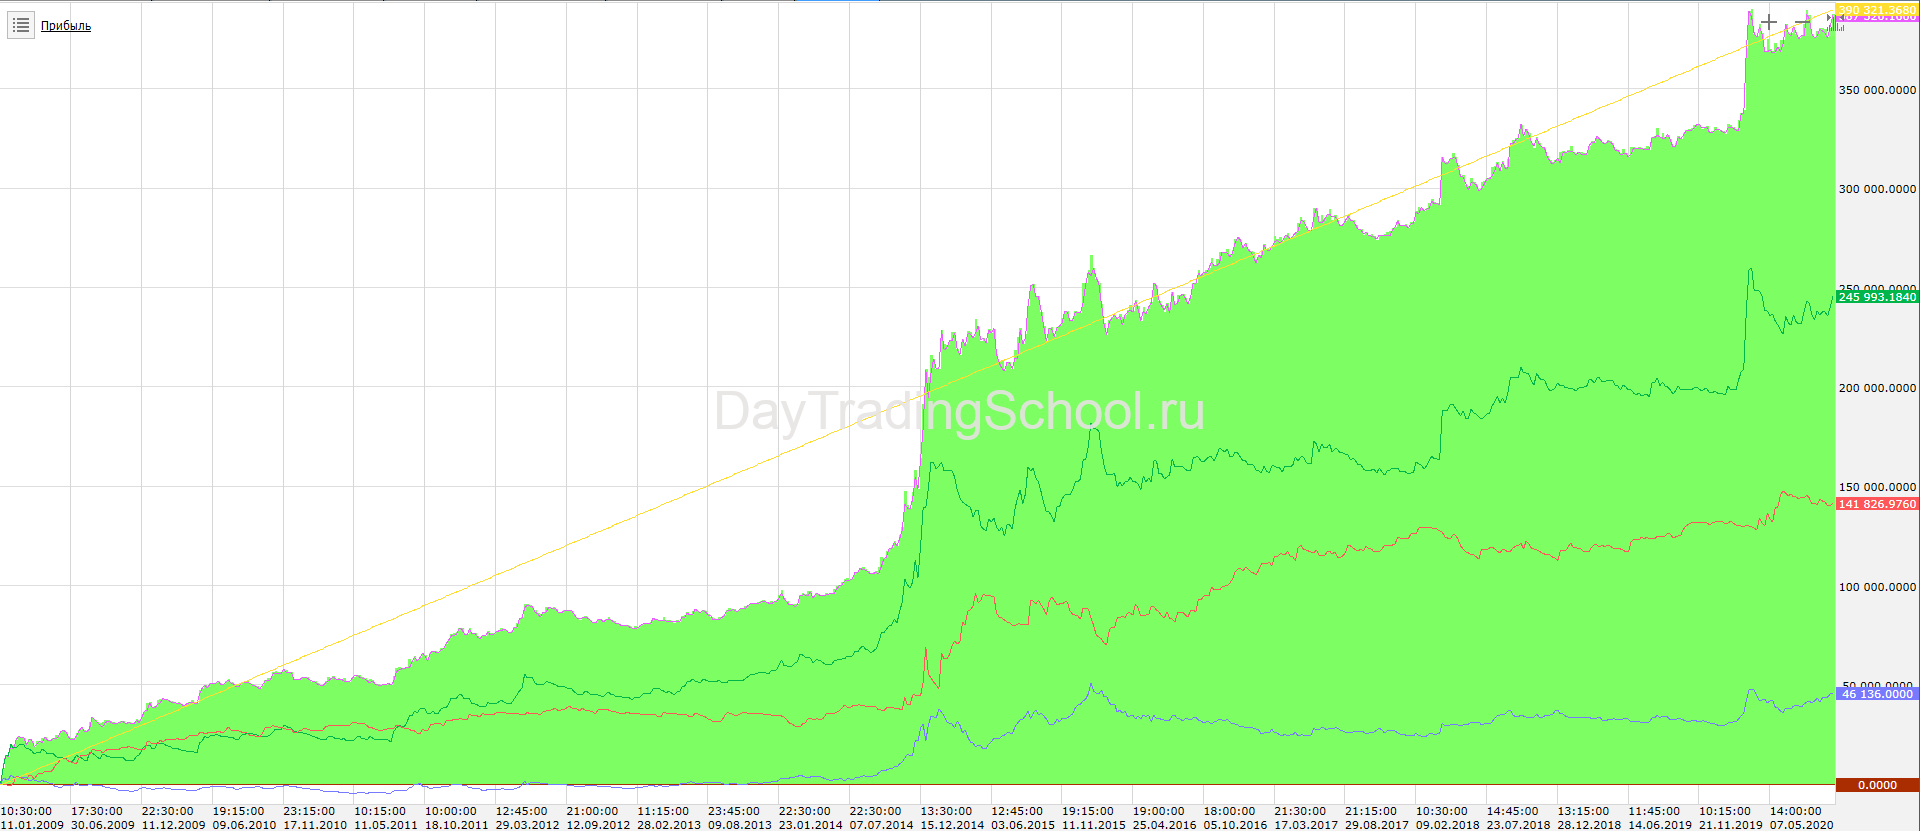 Параболик-стабл-лотность-график-дохода